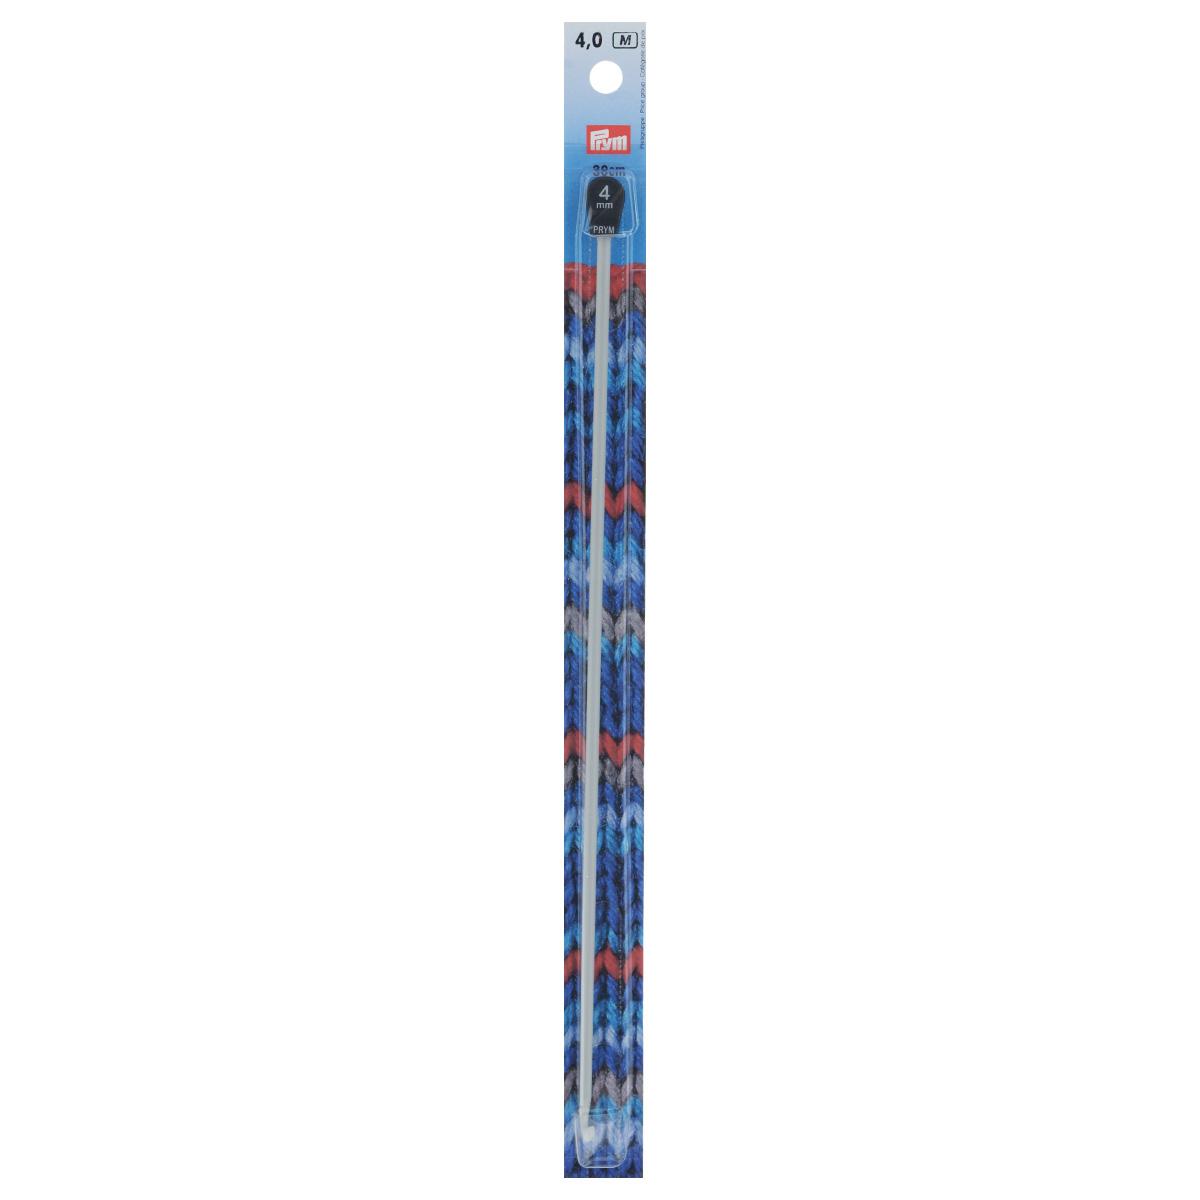 Крючок для тунисского вязания Prym, диаметр 4 мм, 30 см195217Крючок для тунисского вязания Prym - это длинный крючок с ограничителем на конце, выполненный из алюминия. Вязание тунисским крючком производится только по одной лицевой стороне и этим отличается от вязки обыкновенным крючком. Крючок для тунисского вязания длиннее обычного, поскольку на нем будут лежать все петли провязываемого ряда, которые потом закроют в обратном ряду. Техника тунисского вязания вовсе не сложная. Длинным крючком, так же как и коротким, можно вывязывать различные рисунки. Еще тунисским крючком хорошо вязать сумки и пояса. Размер тунисского крючка определяется диаметром стержня и подбирают его в зависимости от толщины пряжи с таким расчетом, чтобы крючок был примерно в 2 раза толще нитки. Работа, сделанная своими руками, долго будет радовать вас и ваших близких. А подарок, выполненный собственноручно, станет самым ценным для друзей и знакомых. Диаметр: 4 мм. Материал: алюминий.